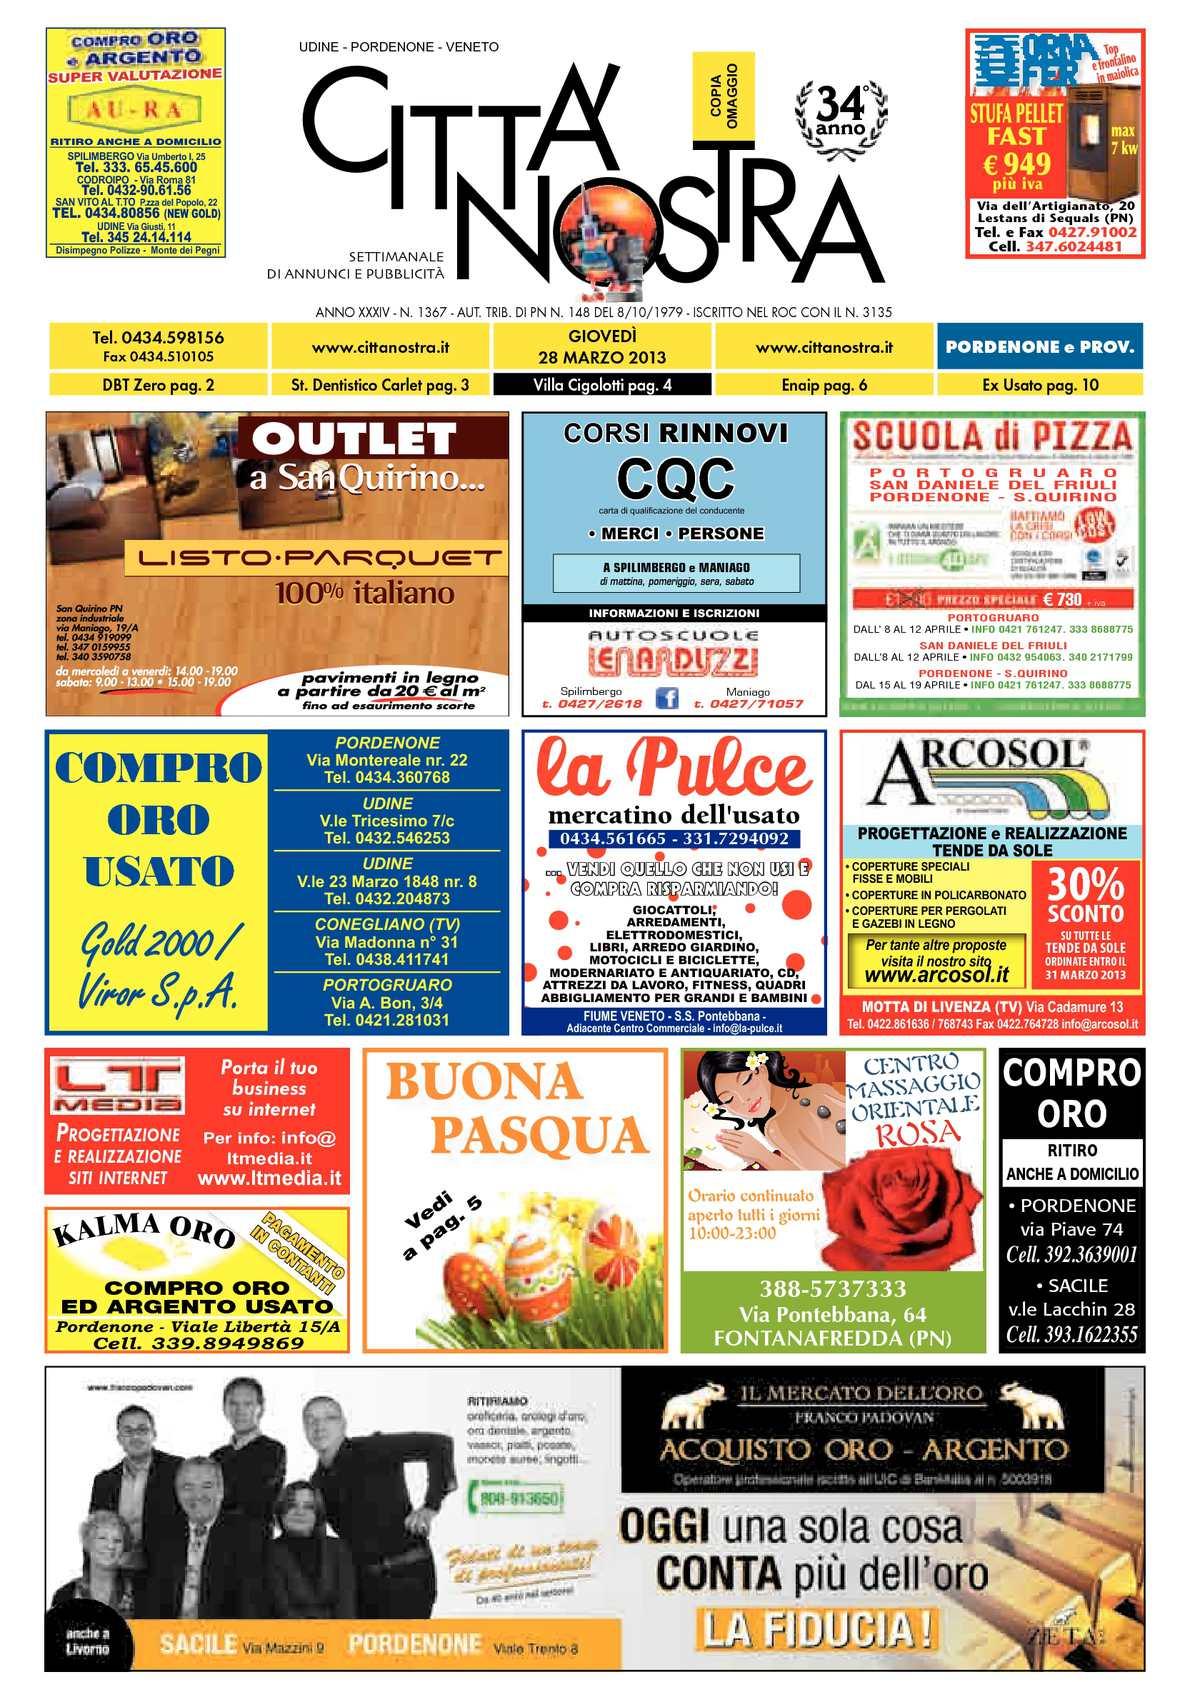 low cost 4b6a9 09271 Calaméo - Città Nostra Pordenone del 28.03.2013 n. 1367